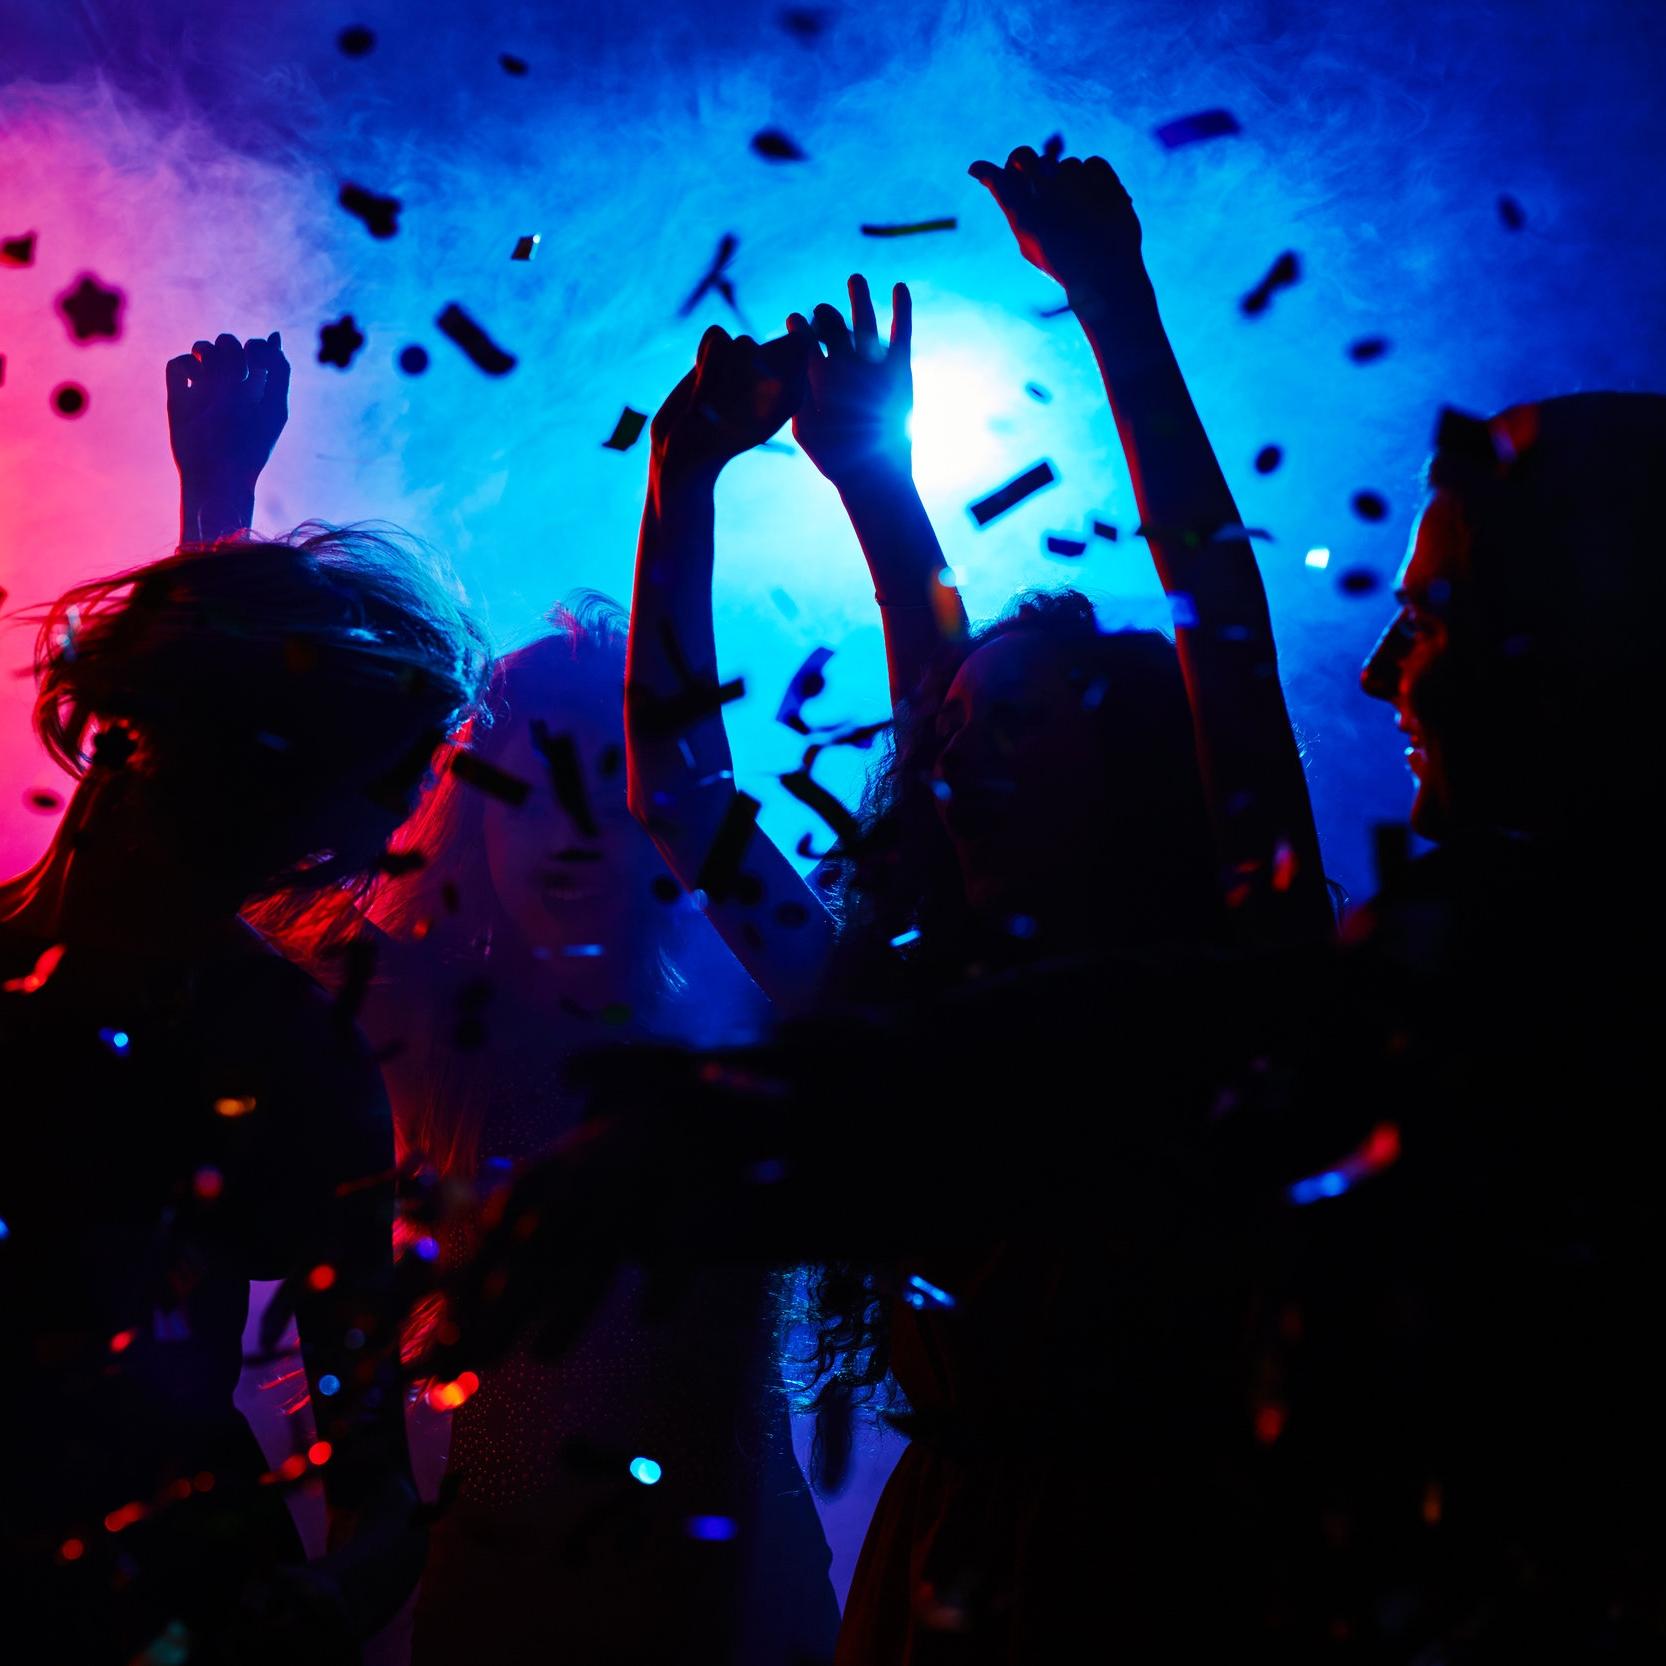 """DJ - Kvällen avrundas med ett ordentligt svängigt dansgolv! Dansa loss och sjung med till klassiker såsom """"Livin' On A Prayer"""", """"Highway To Hell"""" och """"Paradise City""""!"""